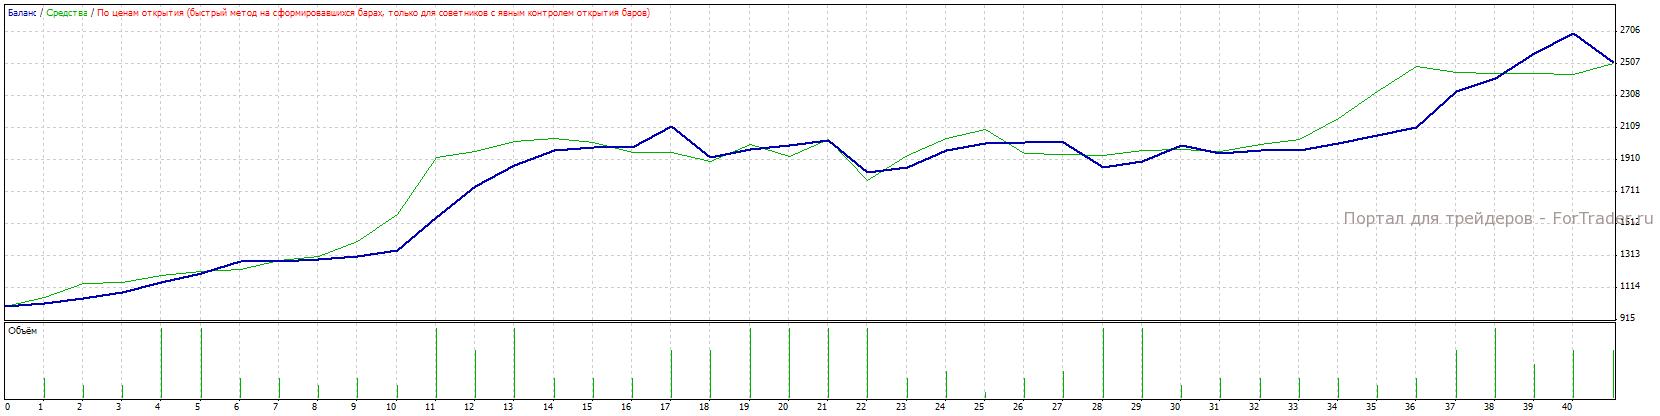 Рис.8. Работа системы без подбора параметров на участке с 2008.01.01 по 2008.07.06.